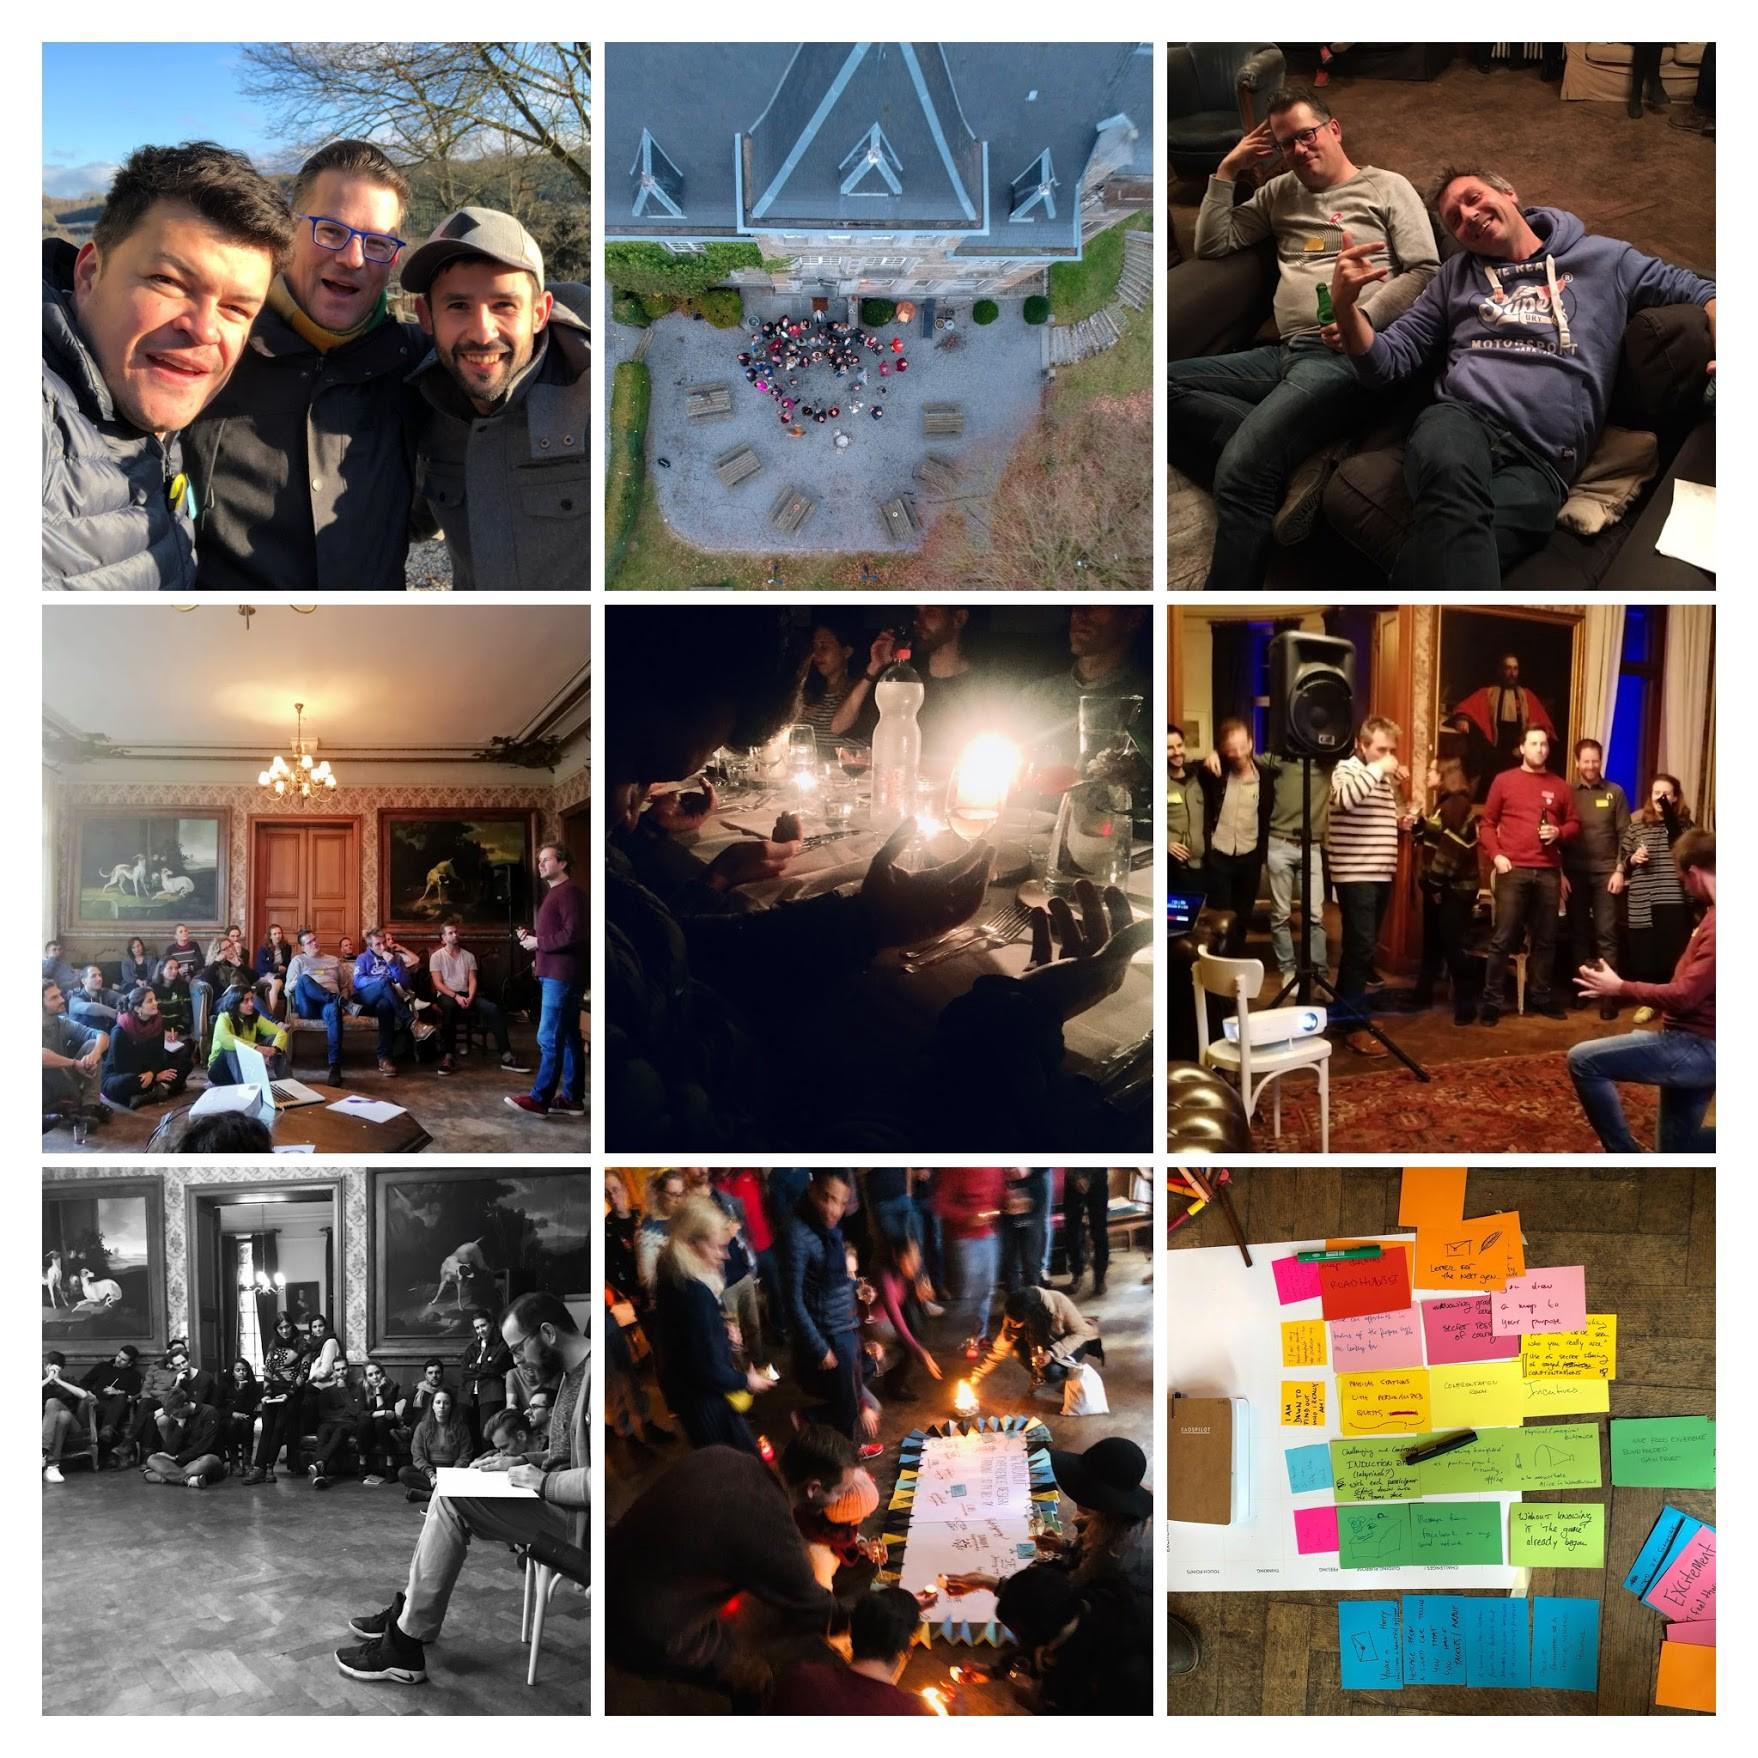 Gelukkig hebben we de foto's nog… (foto's: Jeroen van Aerle, Jan Jaap Hubeek, Chris Jan Geugies, Arnoud Grootenboer, Mark Molenaars, Suzanne Leclaire en Stefan van Hulten)